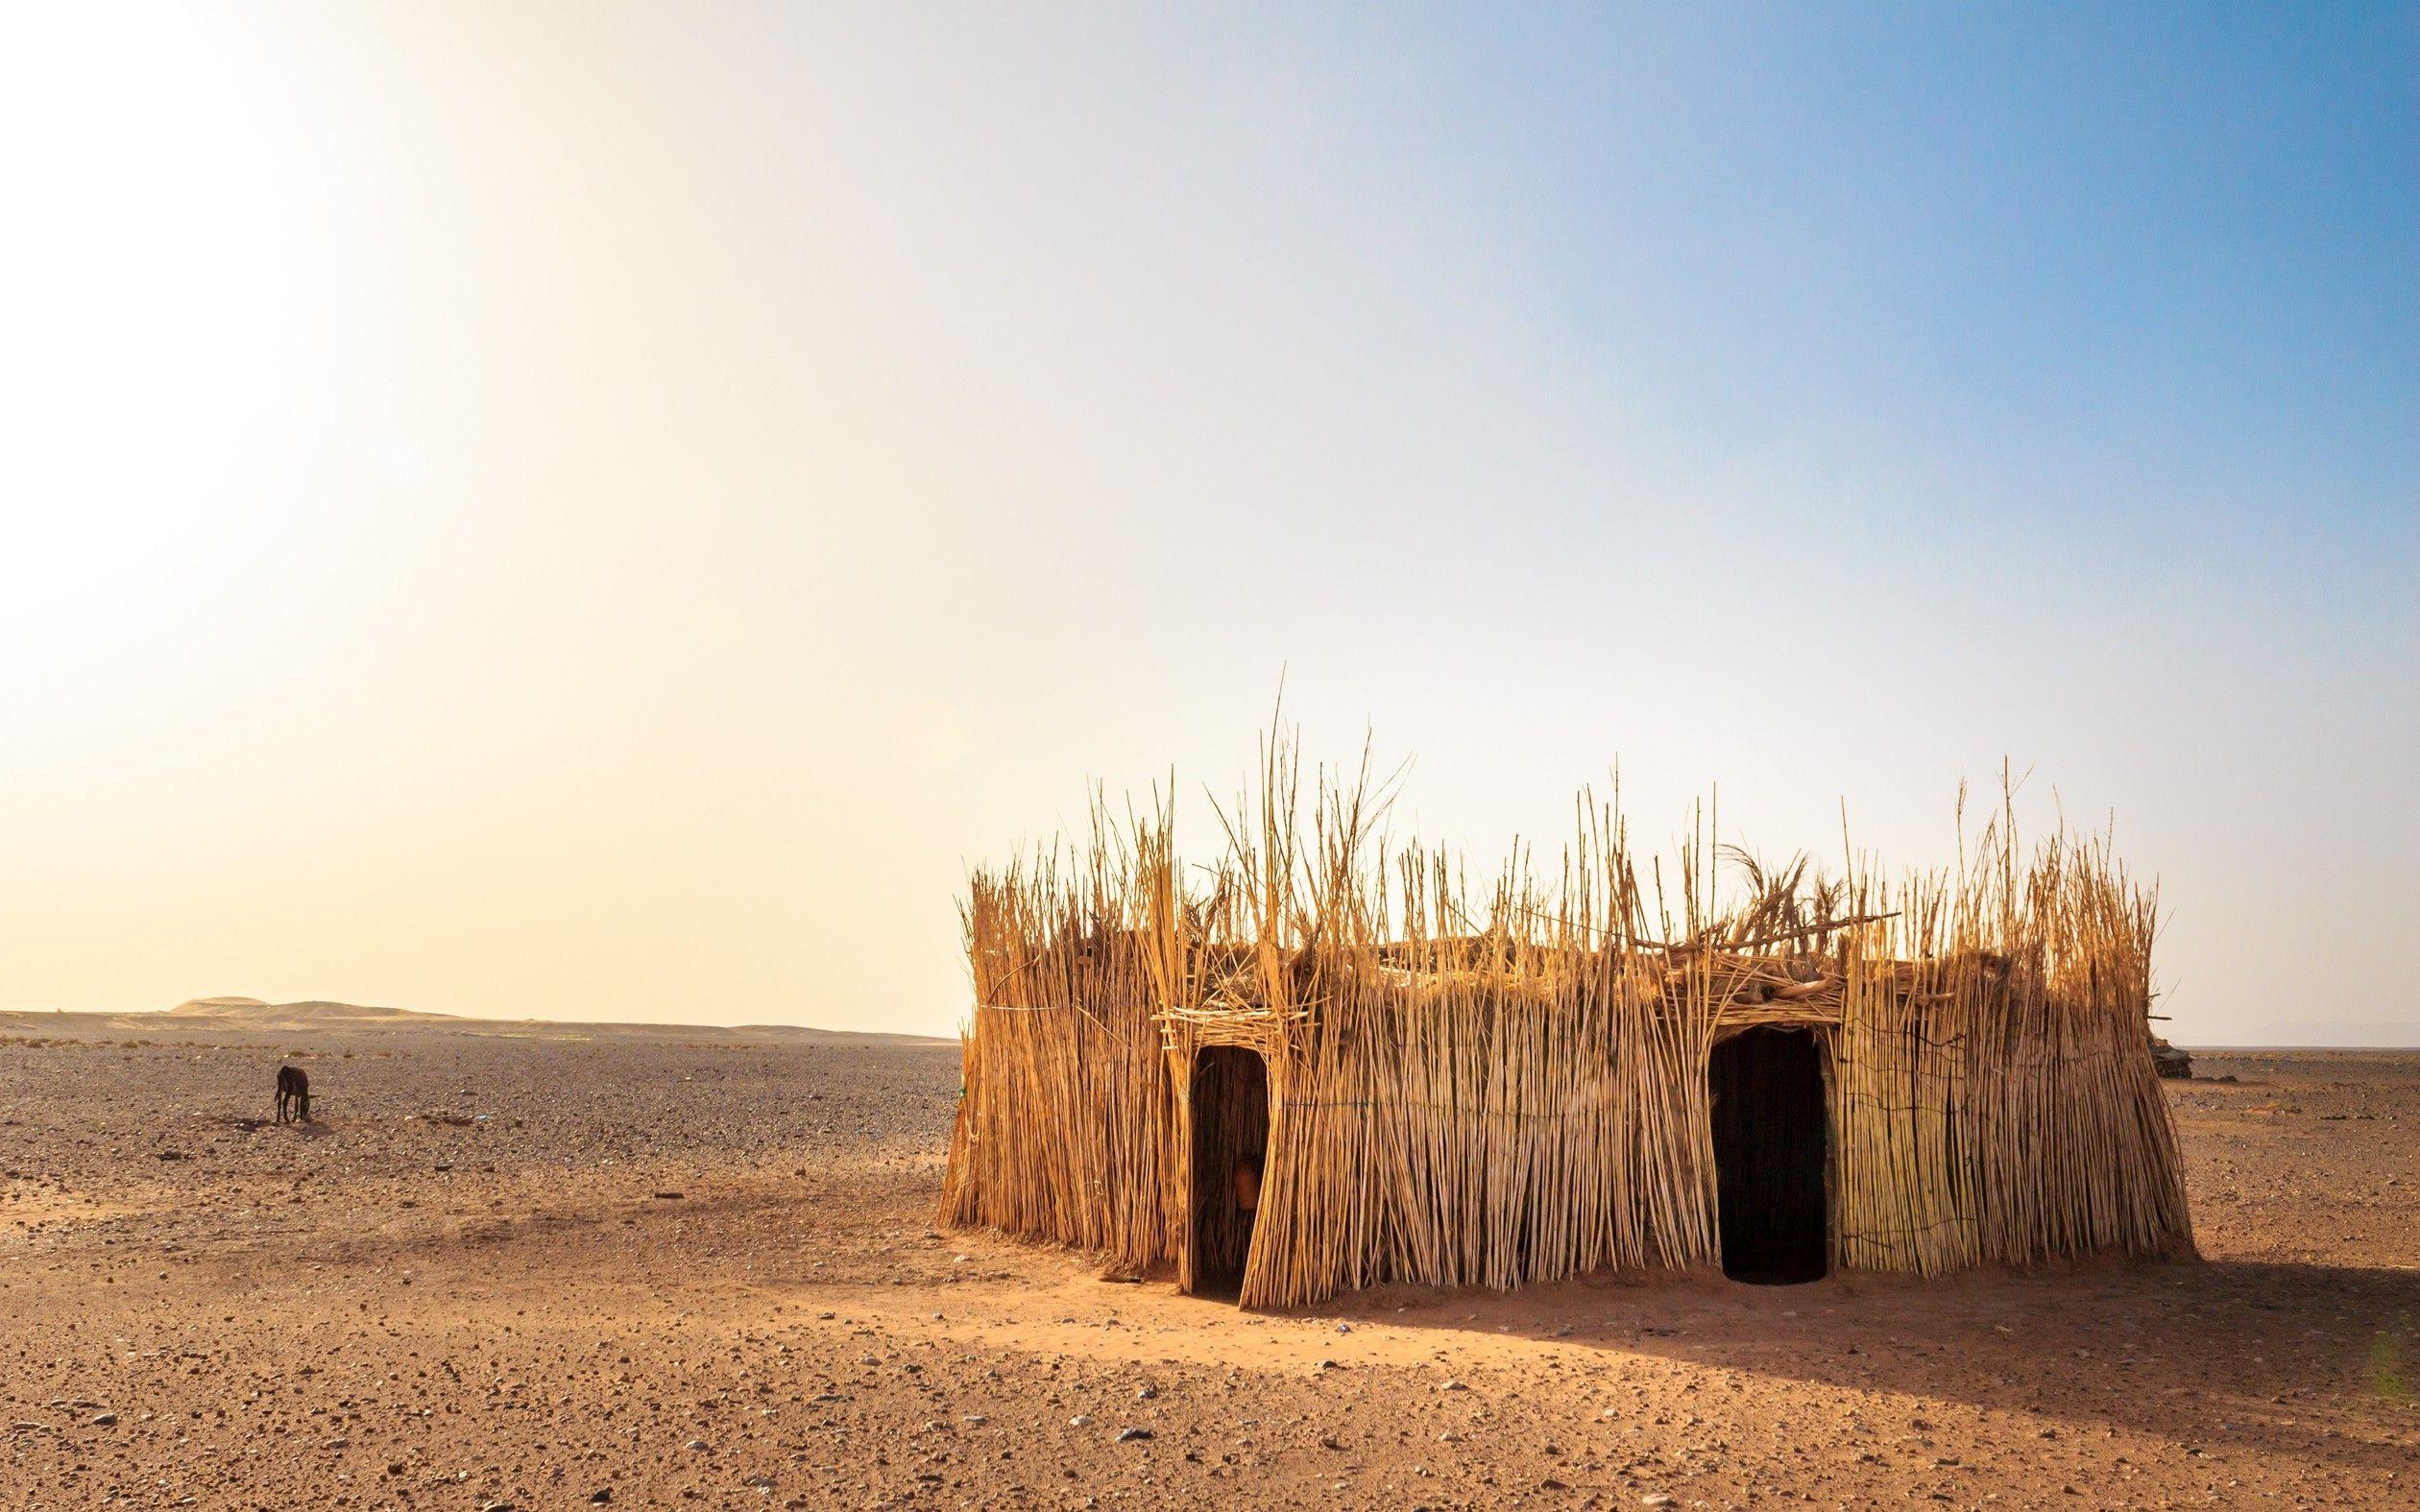 desert images free